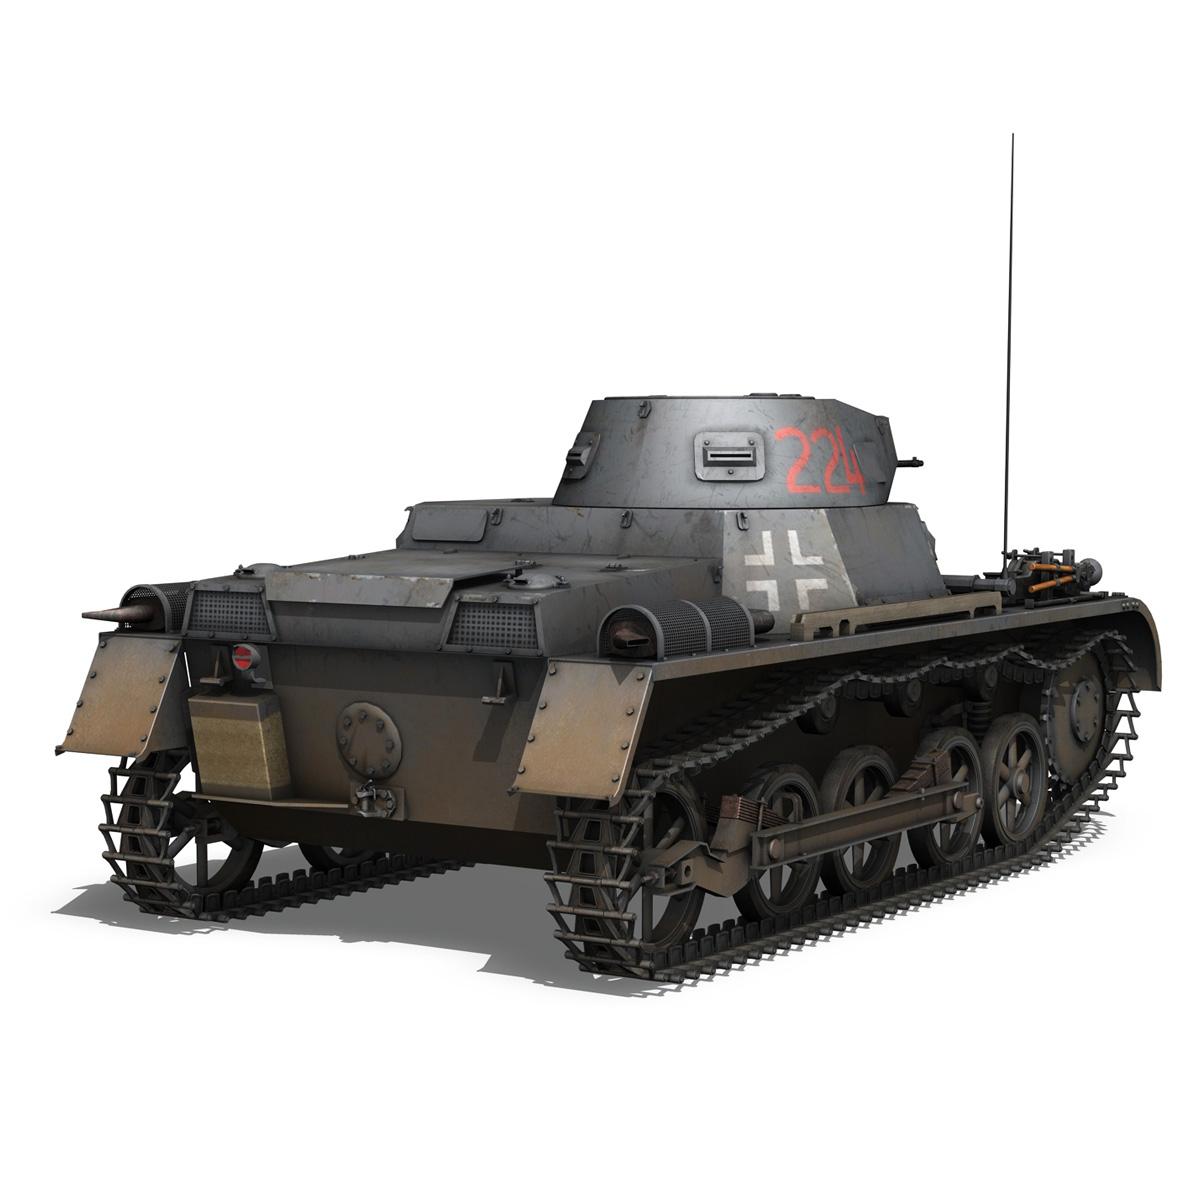 pzkpfw 1 - panzer 1 - ausf. a - Model 224 3d 3ds fbx c4d lwo obj 195076